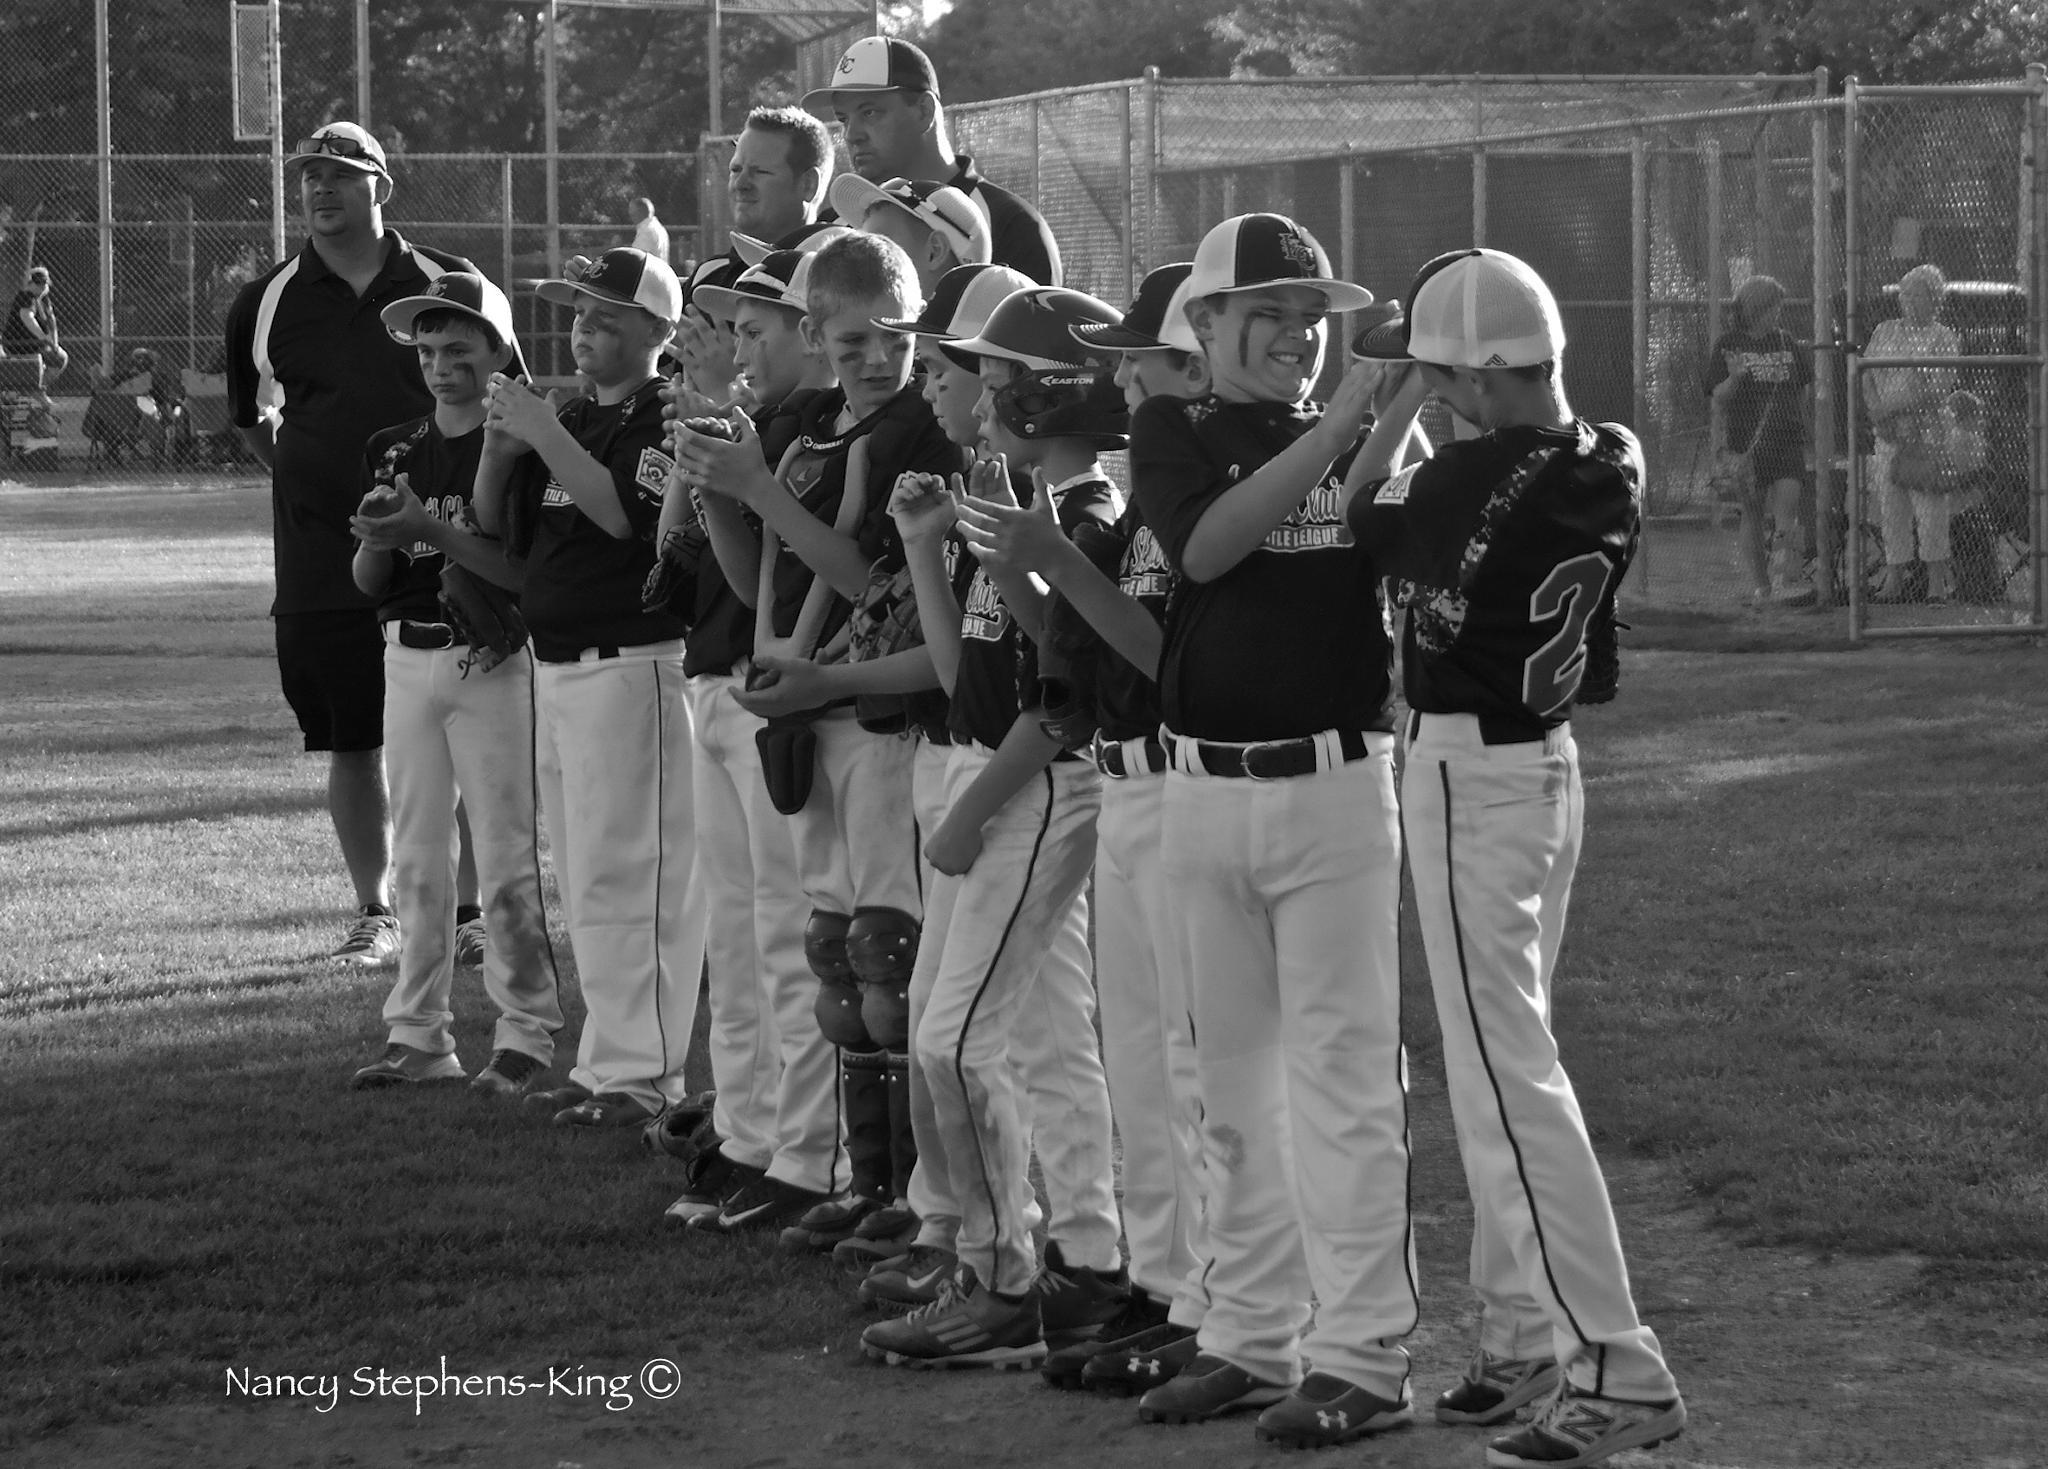 Lucas's Baseball Team by nstephensking